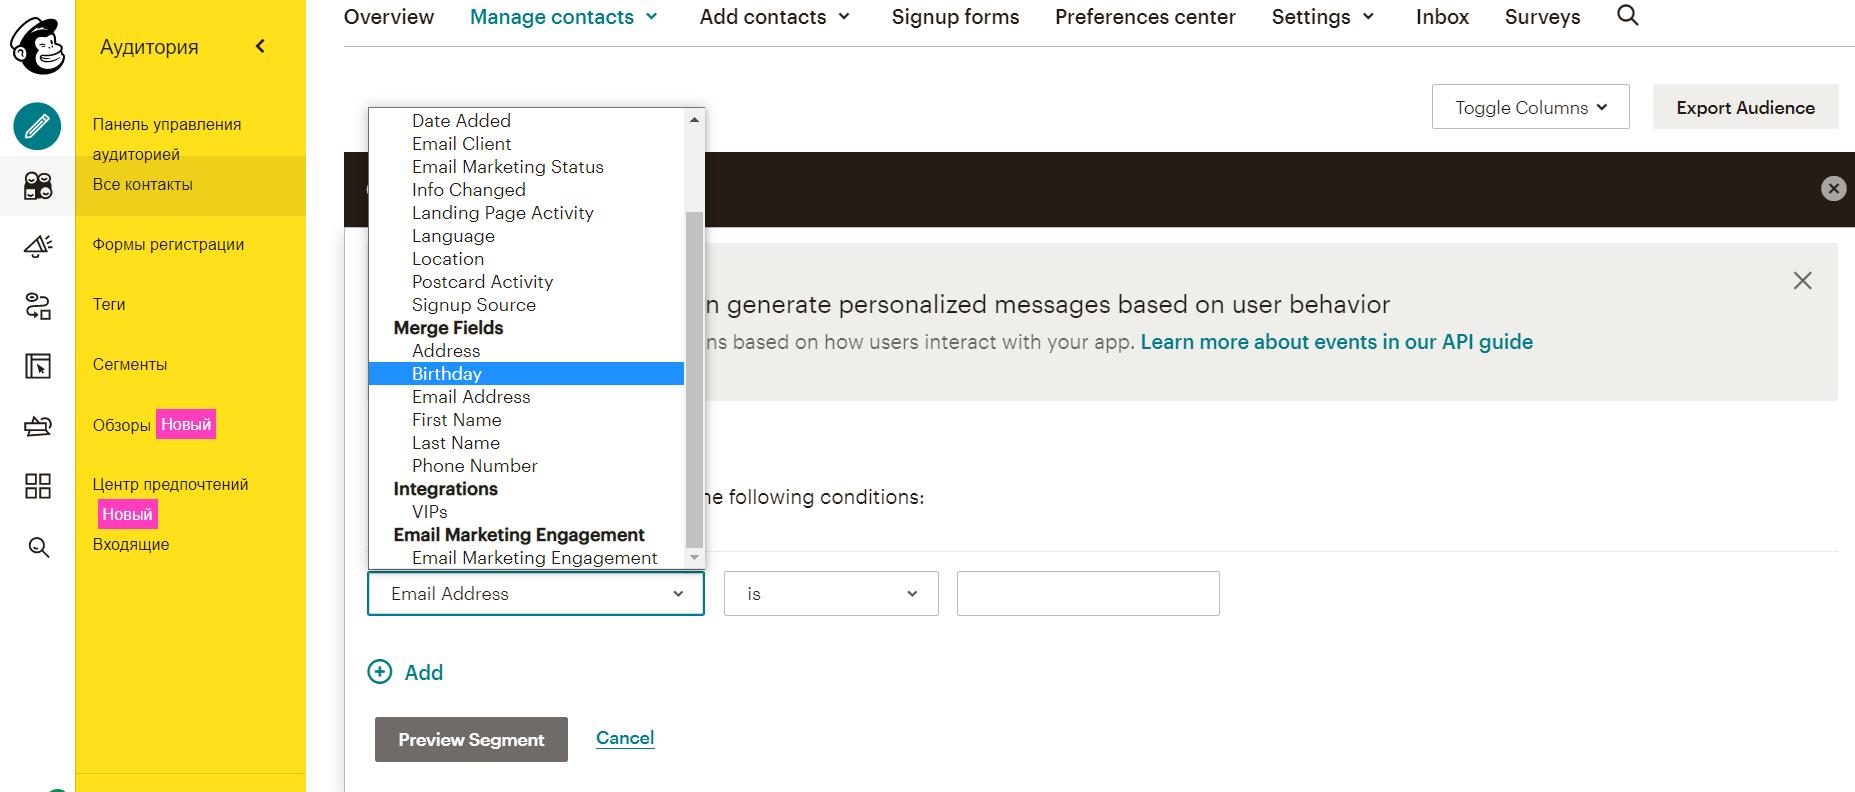 бесплатная email-рассылка в мэйлчимп 2